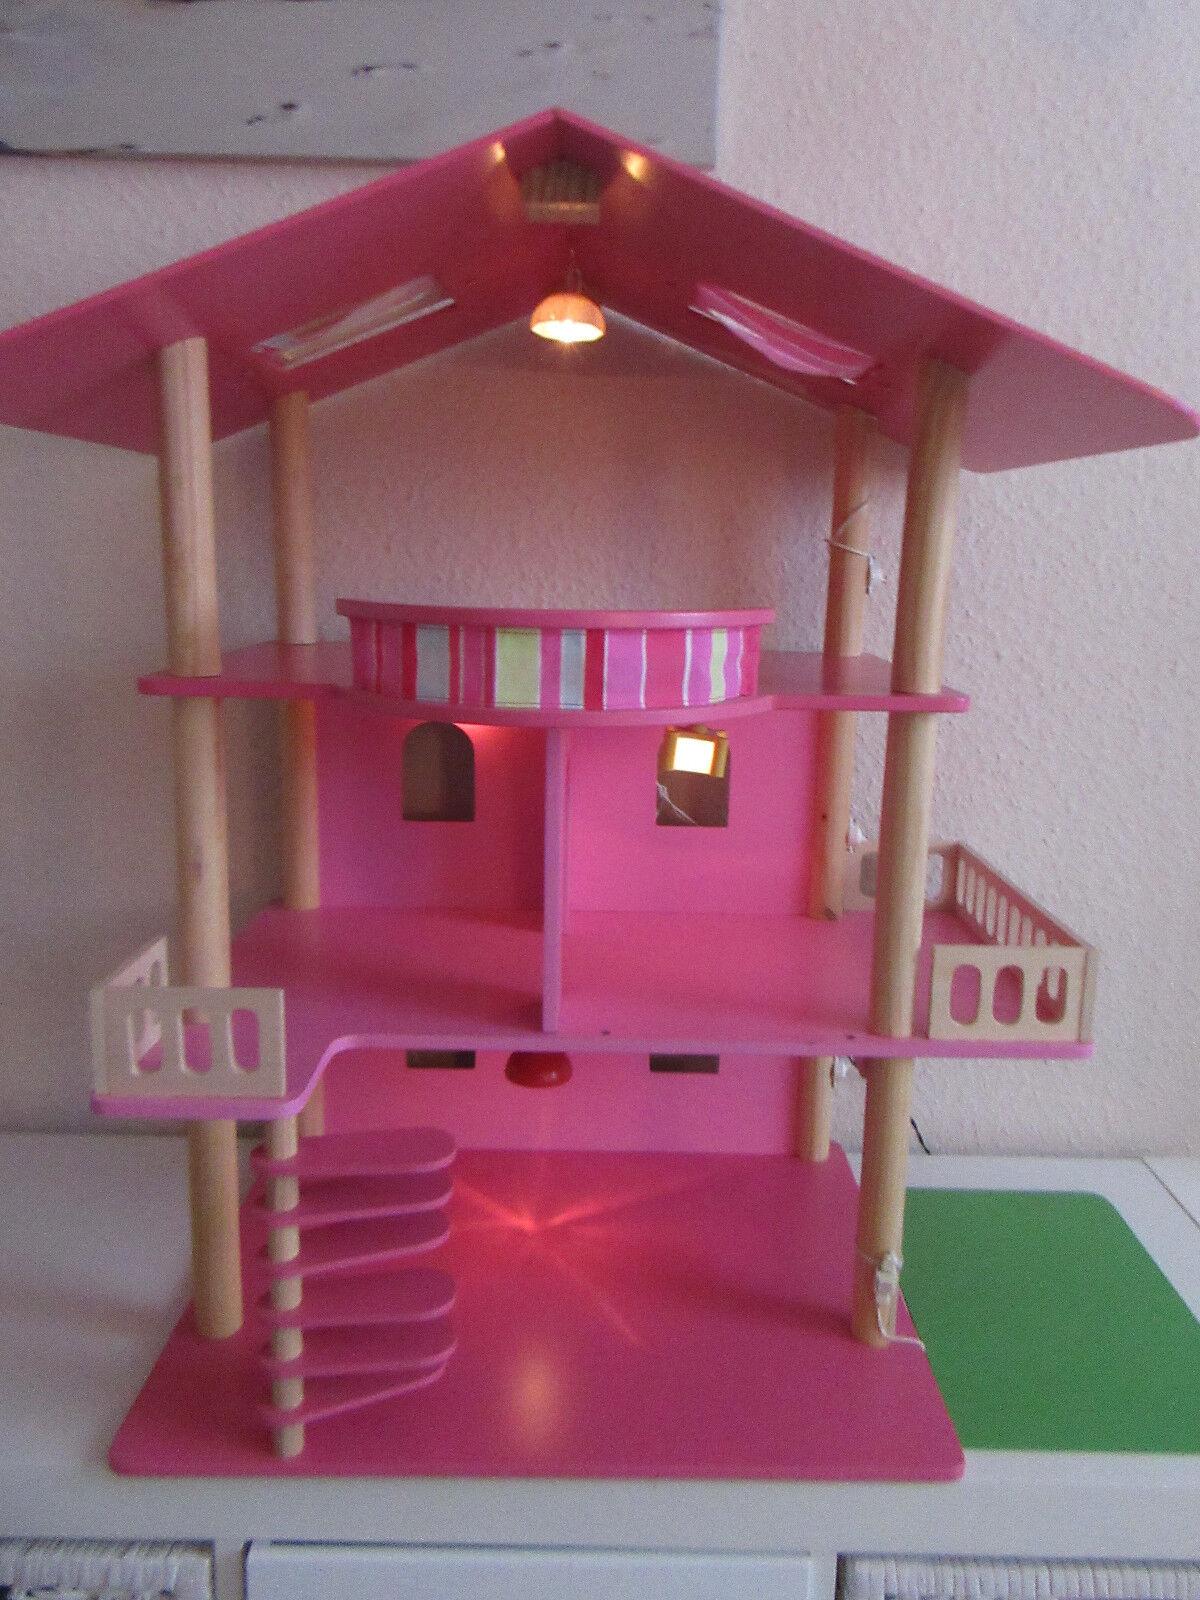 Puppenhaus aus Holz mit elektrischer Beleuchtung und Klingel